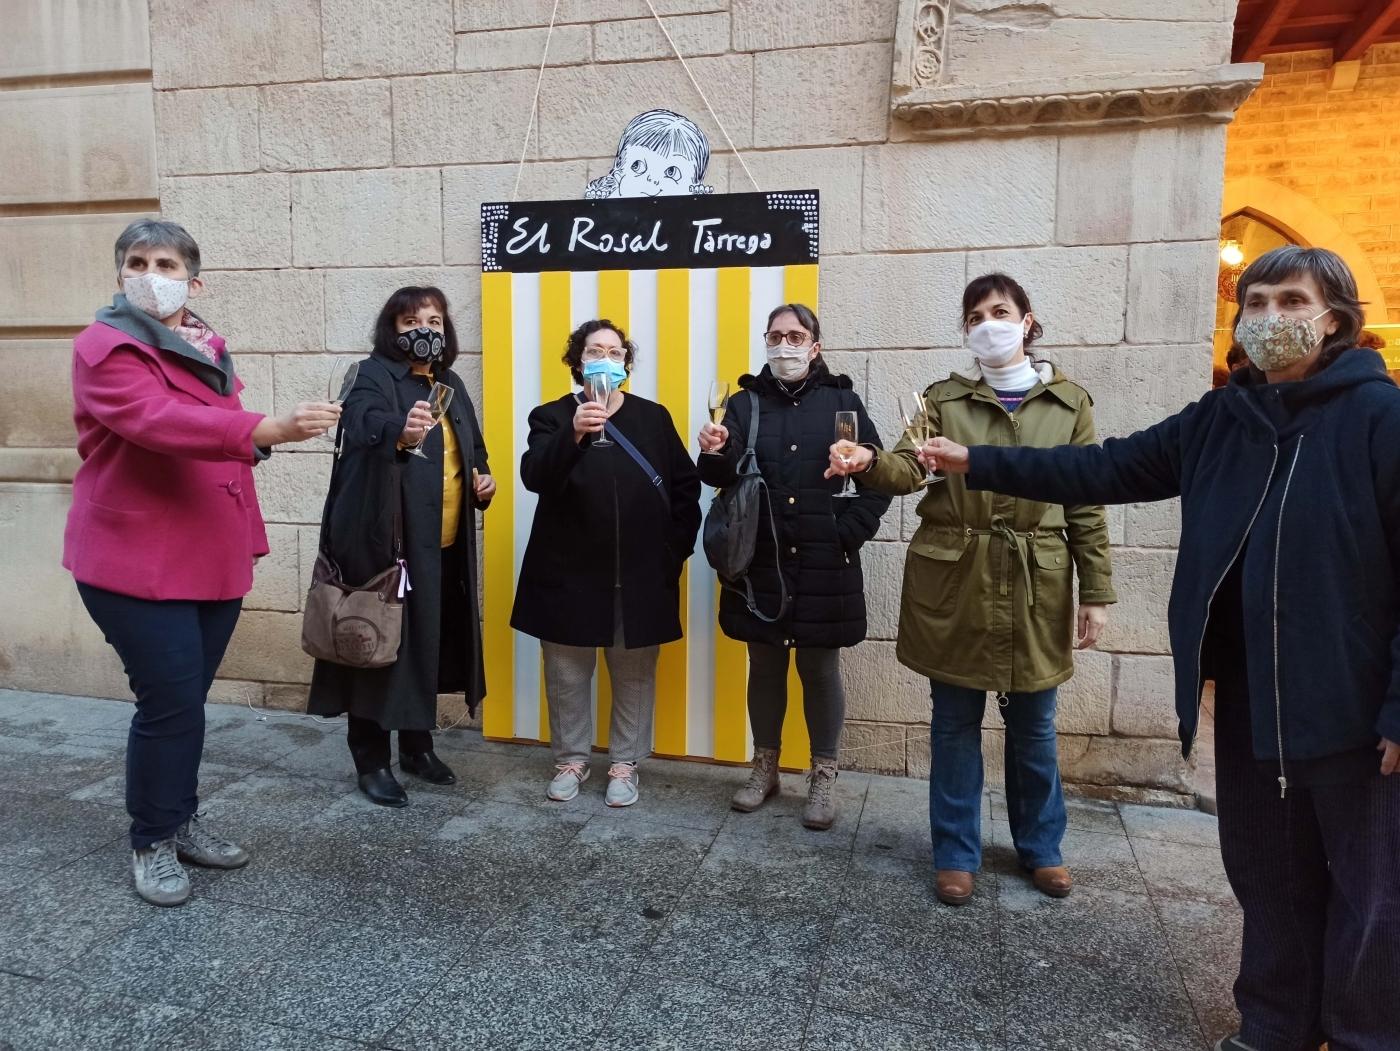 L'obrador de galetes El Rosal inaugura una exposició sobre els 100 anys de la marca.